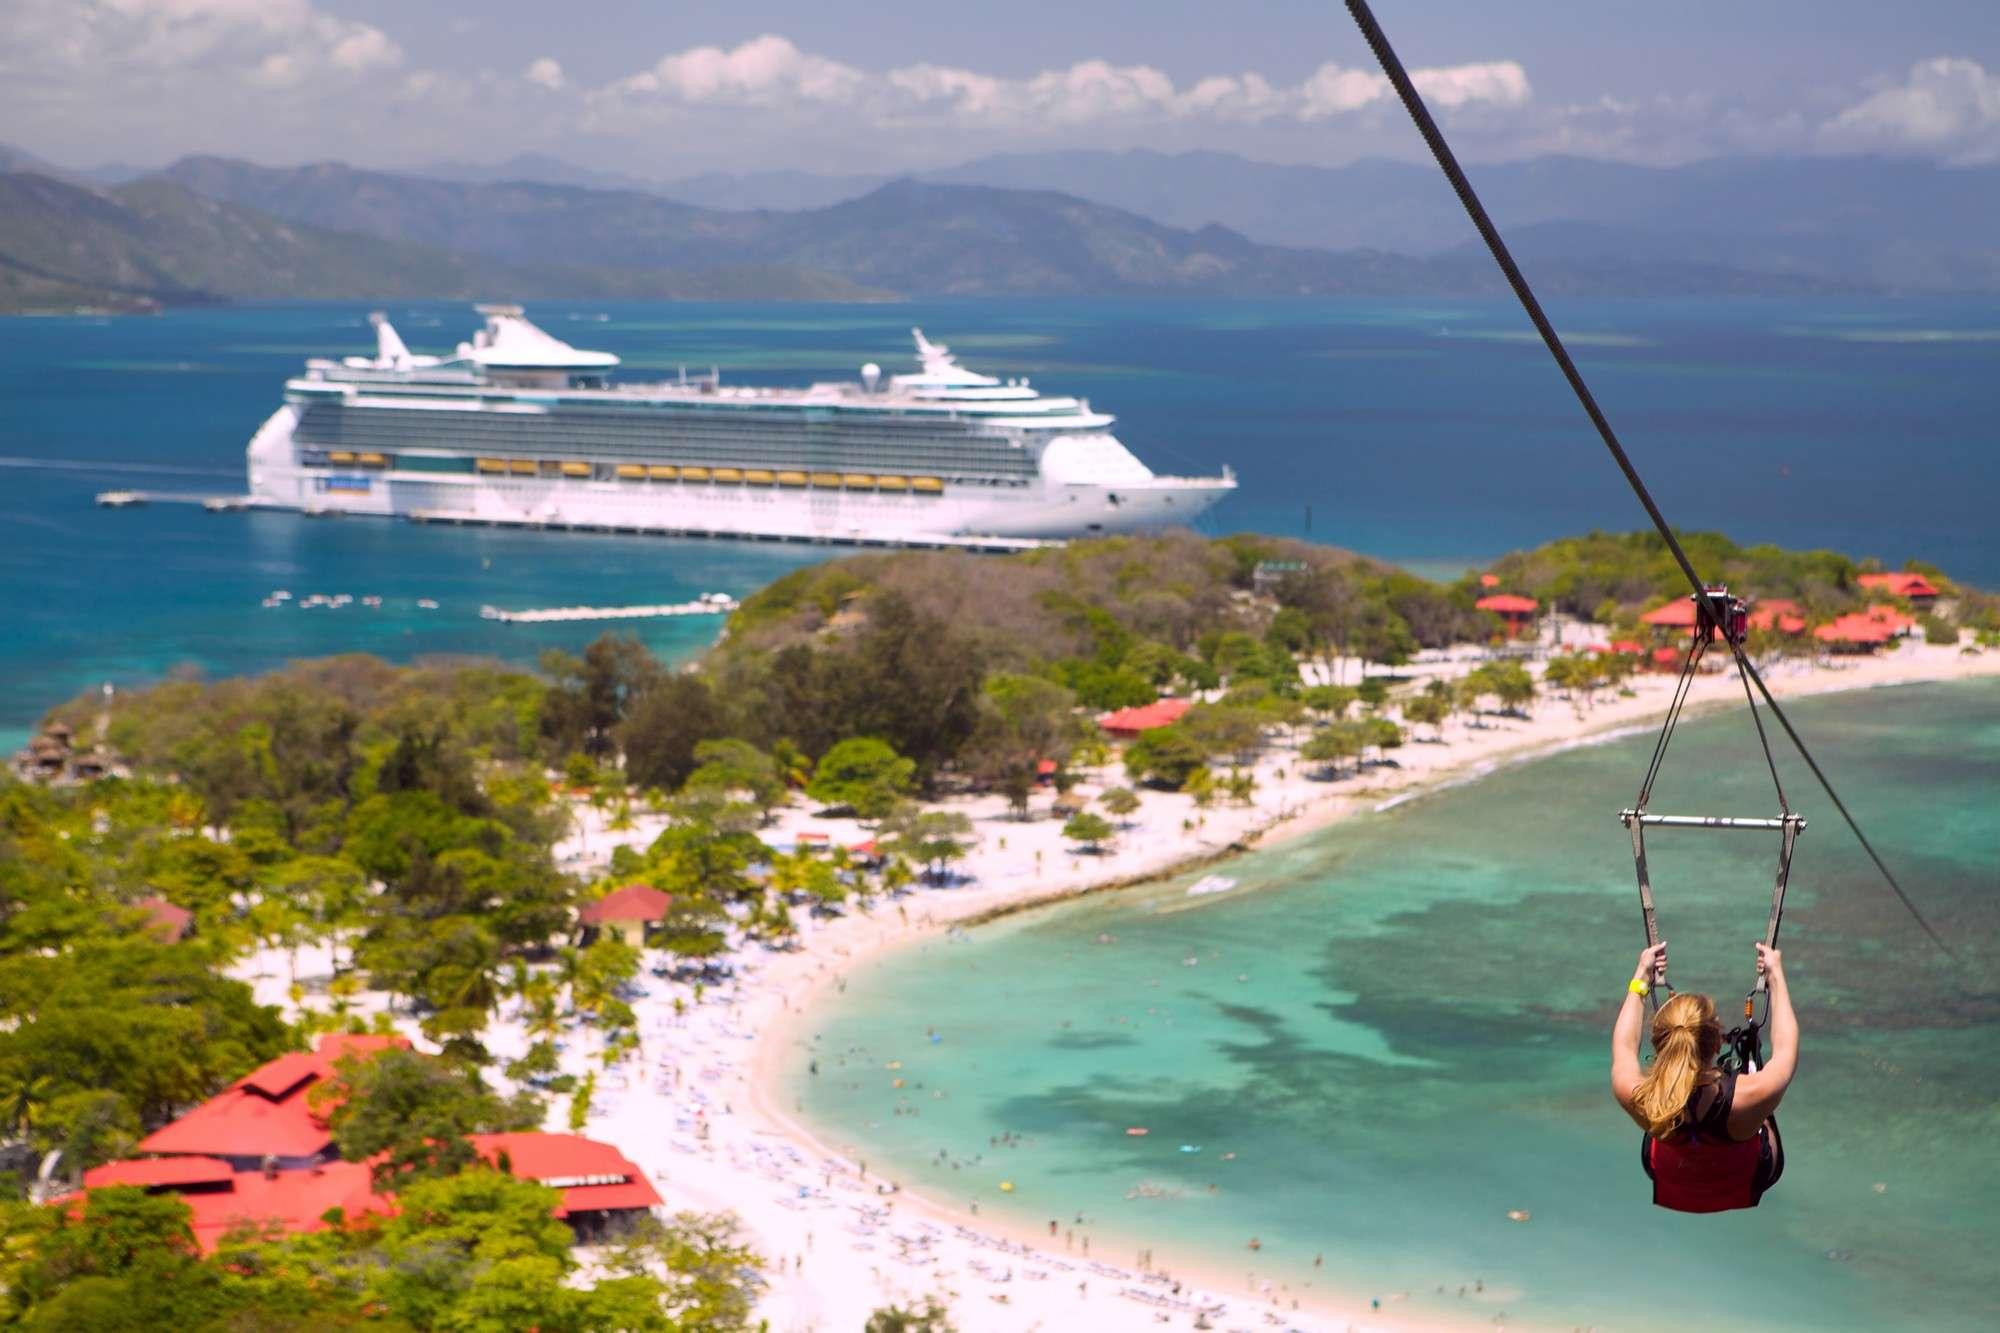 Cruzeiros pelo Caribe até 31 de março de 2015 terão descontos ou crédito a bordo Foto: Royal Caribbean International/Divulgação